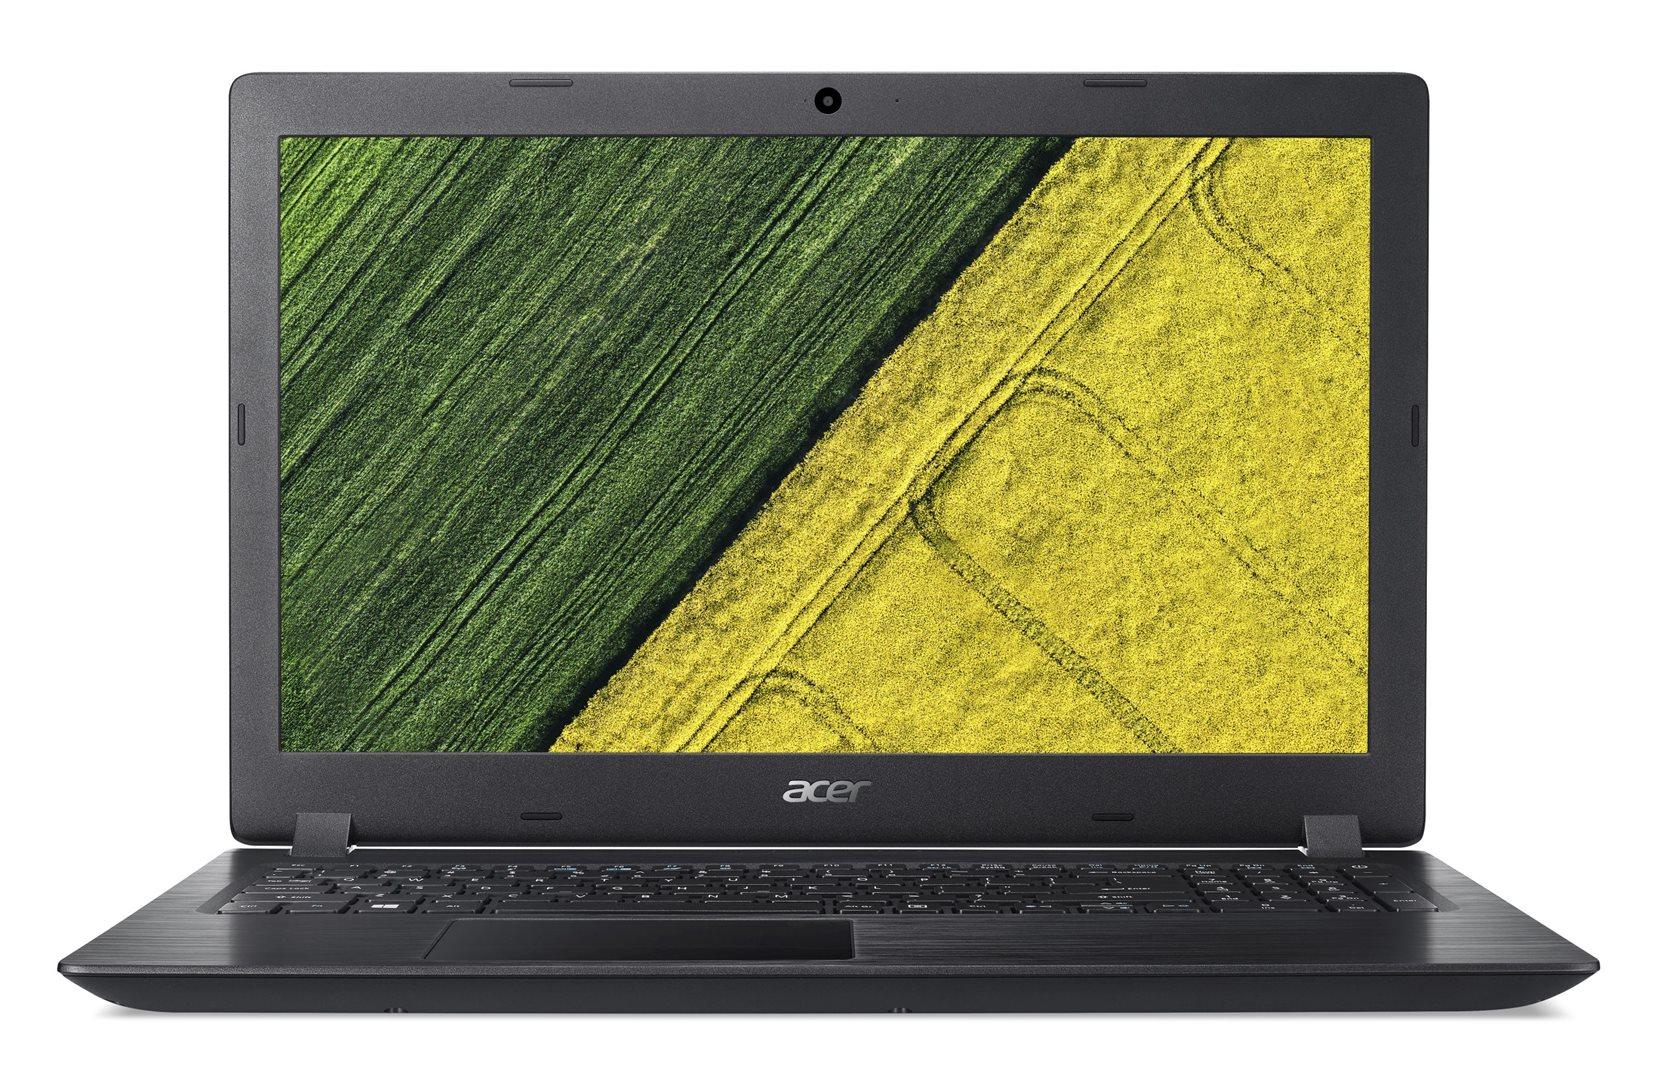 Acer Aspire 3 A315-32-P5UJ Pentium N5000/4GB/ 256GB M.2